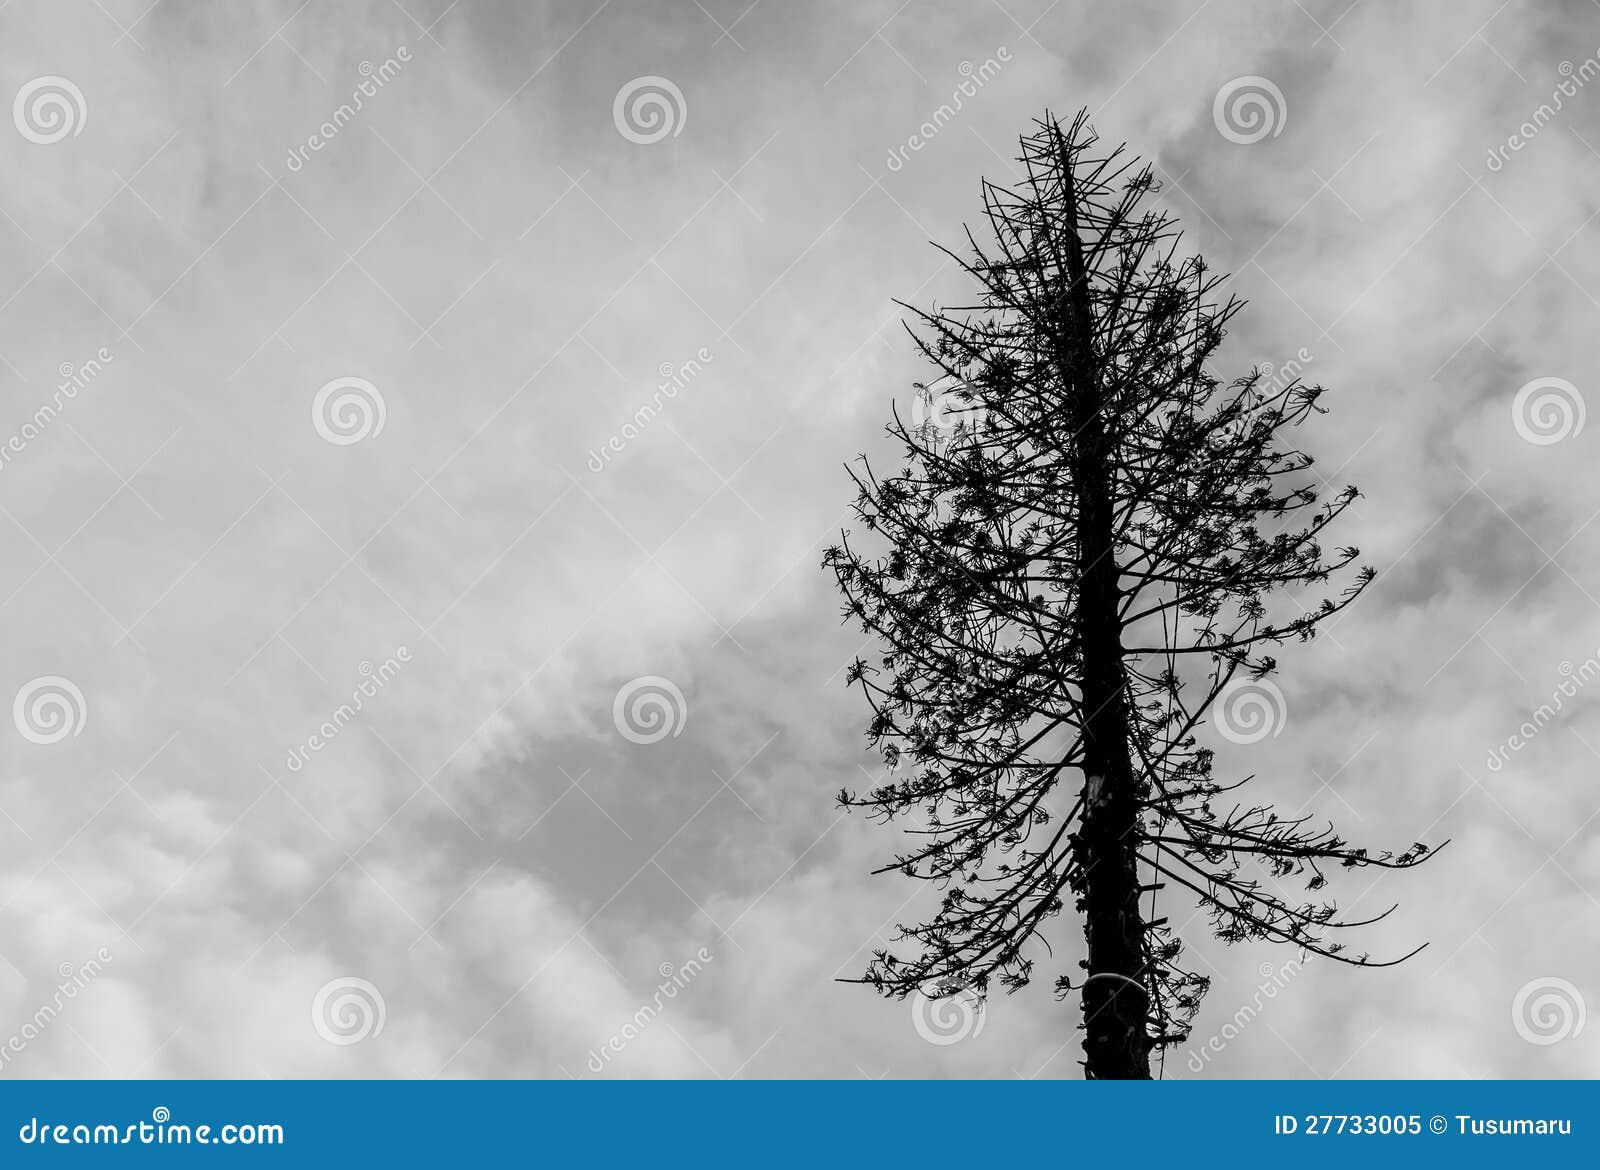 Toter Baum.